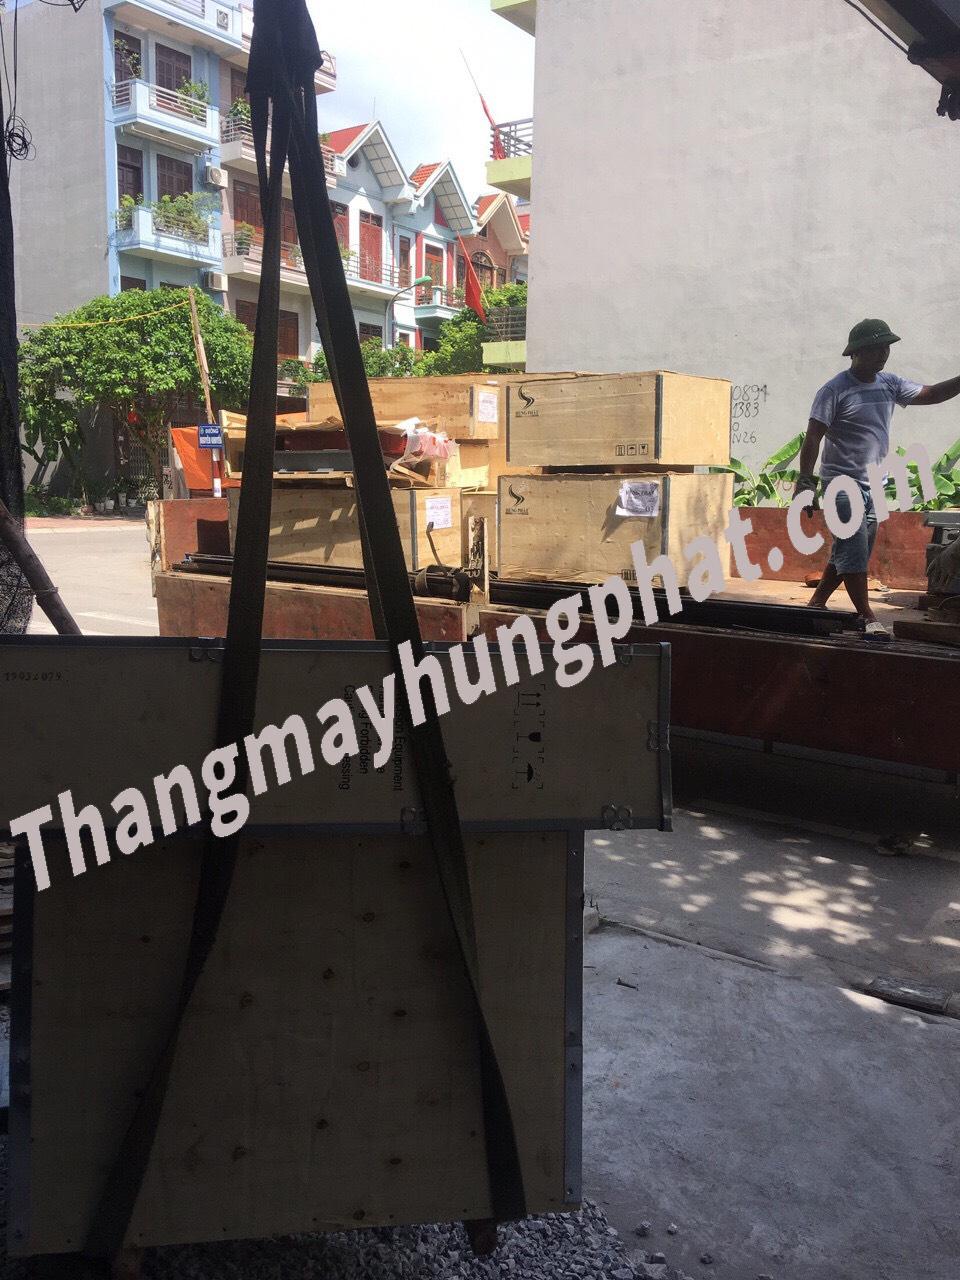 Lắp đặt thang máy tại Phường Ngô Quyền, TP. Bắc Giang anh hùng bắc giang.1